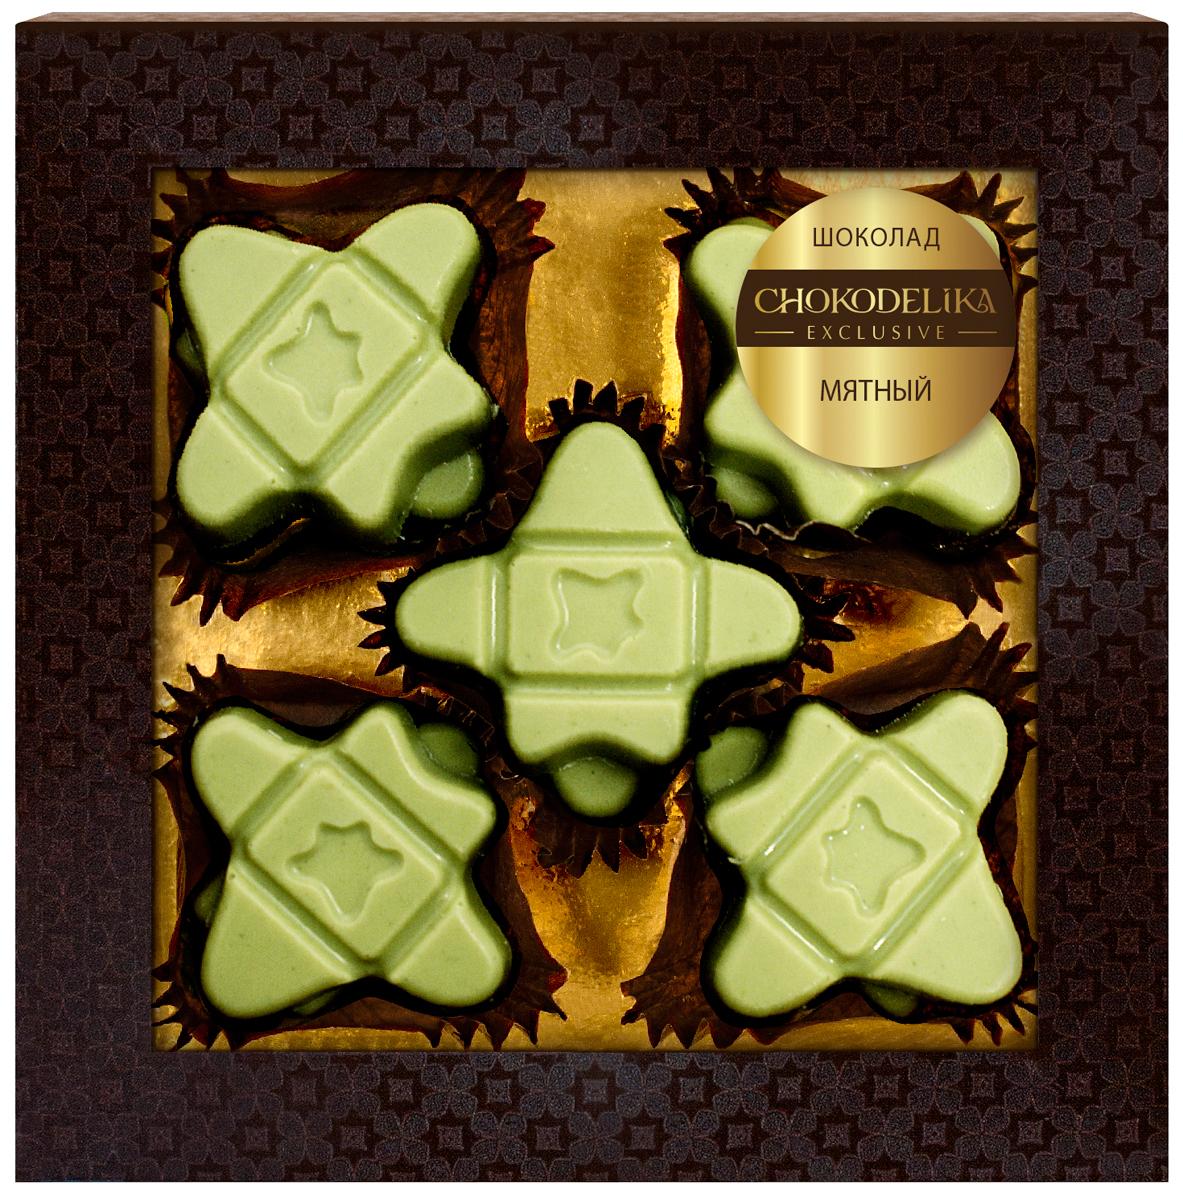 Шоколад вкусовой Мятный Chokodelika, 60 г4610007646406Chokodelika - это больше, чем шоколадный бренд. Это целая философия яркой, вкусной жизни, новых впечатлений и креативного восприятия окружающего мира.Эксклюзивные сладости Chokodelika — это сочетание отборных фруктов, ягод, орехов и натуральных пряностей с премиальным бельгийским шоколадом ручной работы.Мятный шоколад не оставит равнодушным ни одного настоящего ценителя изысканных сладостей.